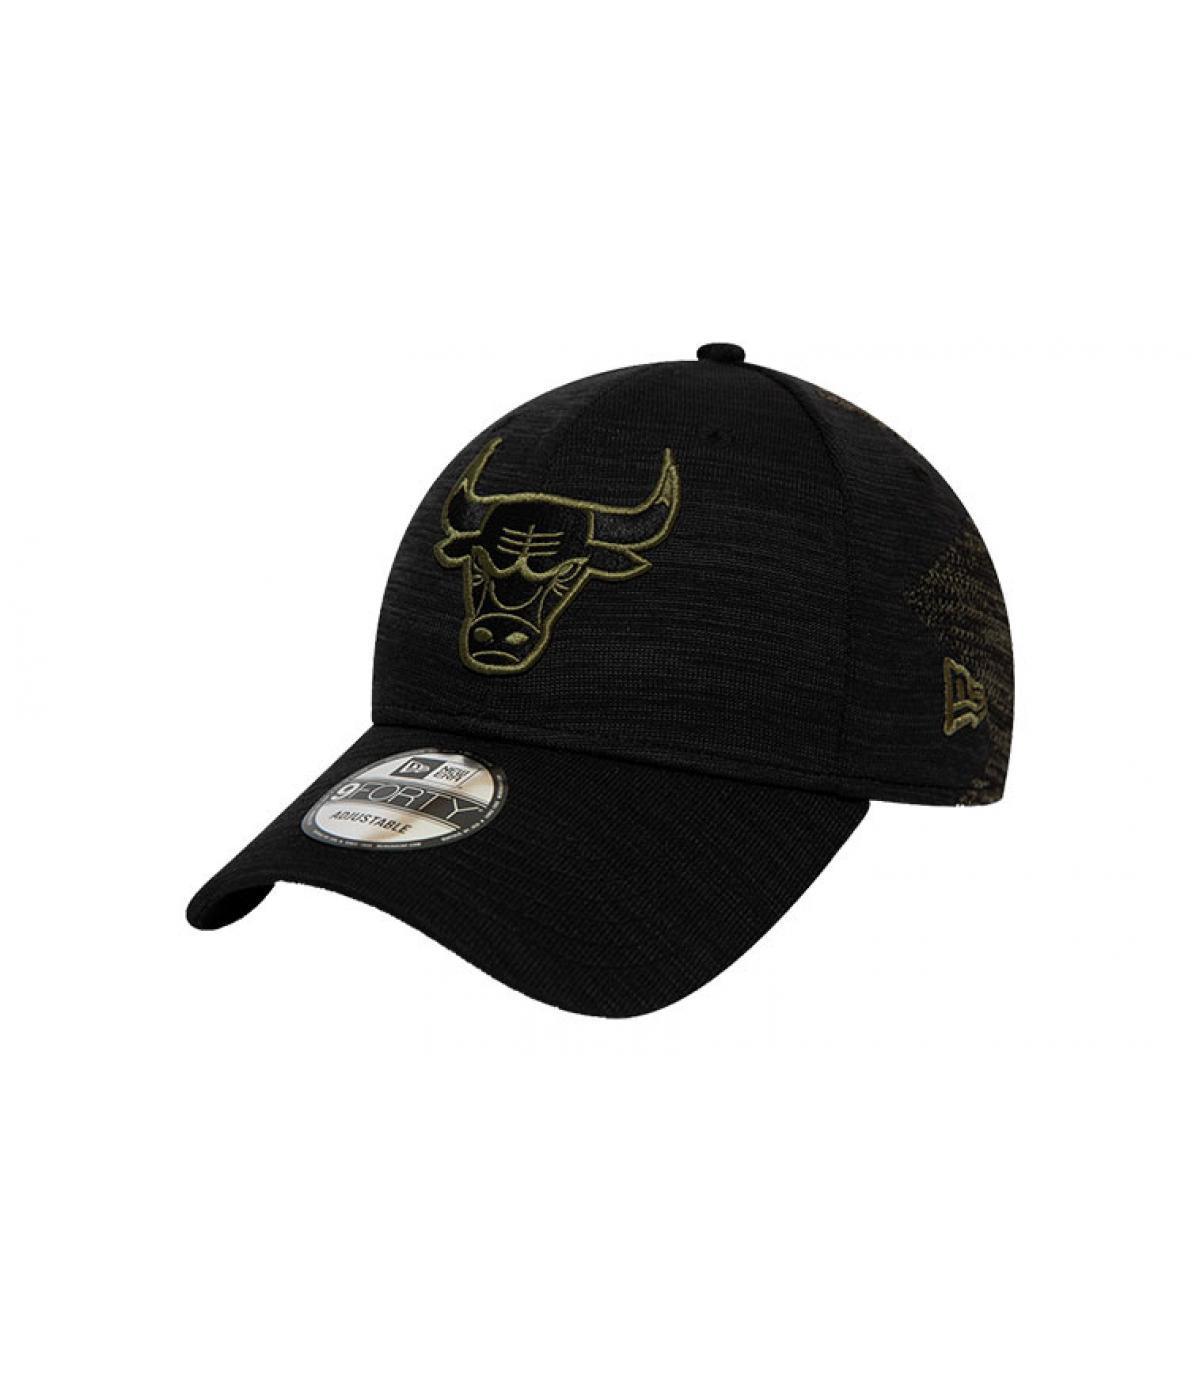 casquette Bulls noir vert